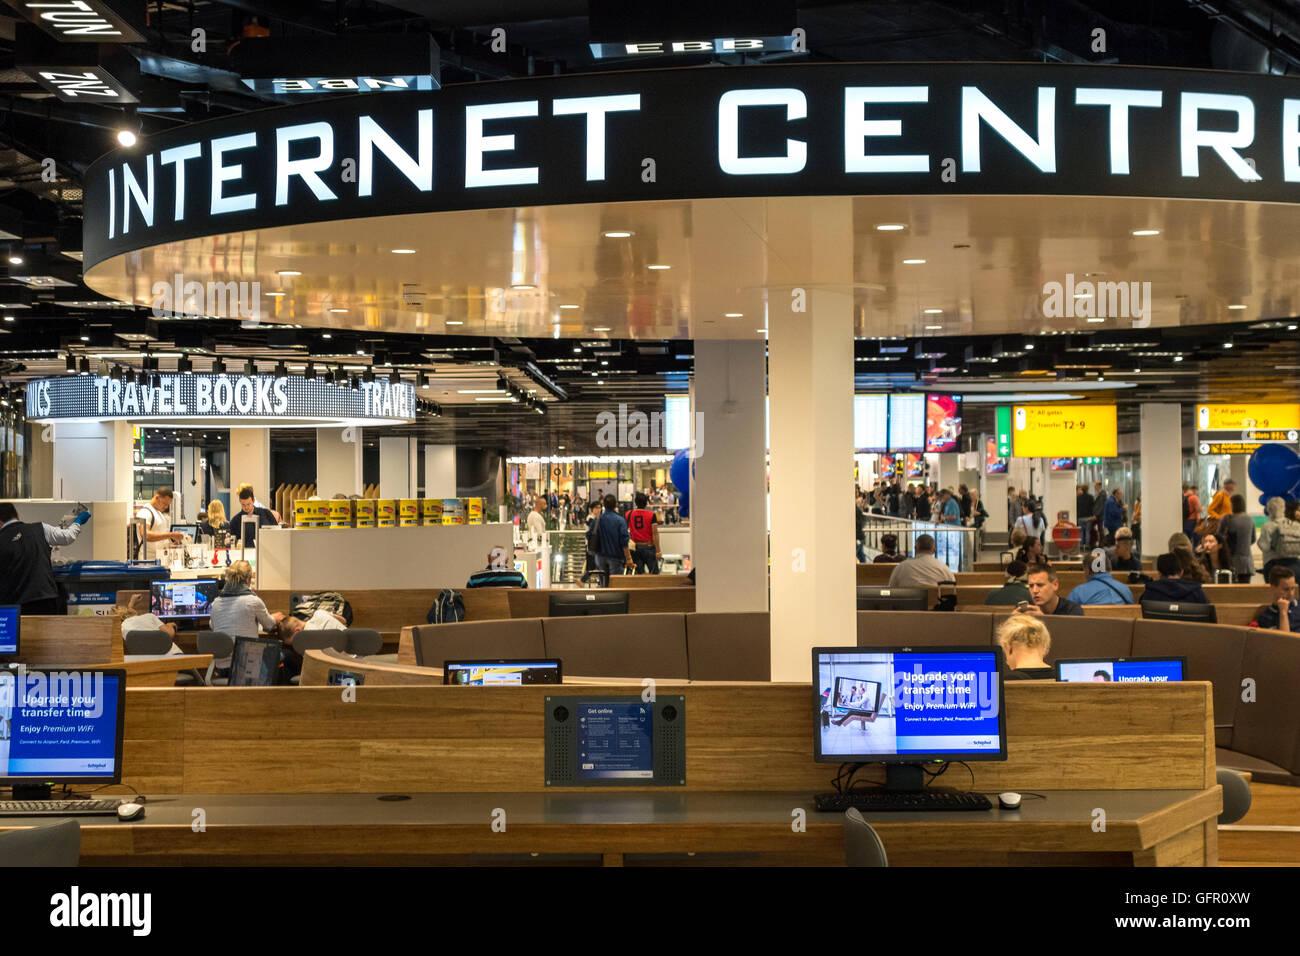 El centro de Internet, centro de Internet en la Sala de Embarque 2 en el aeropuerto de Schiphol Imagen De Stock